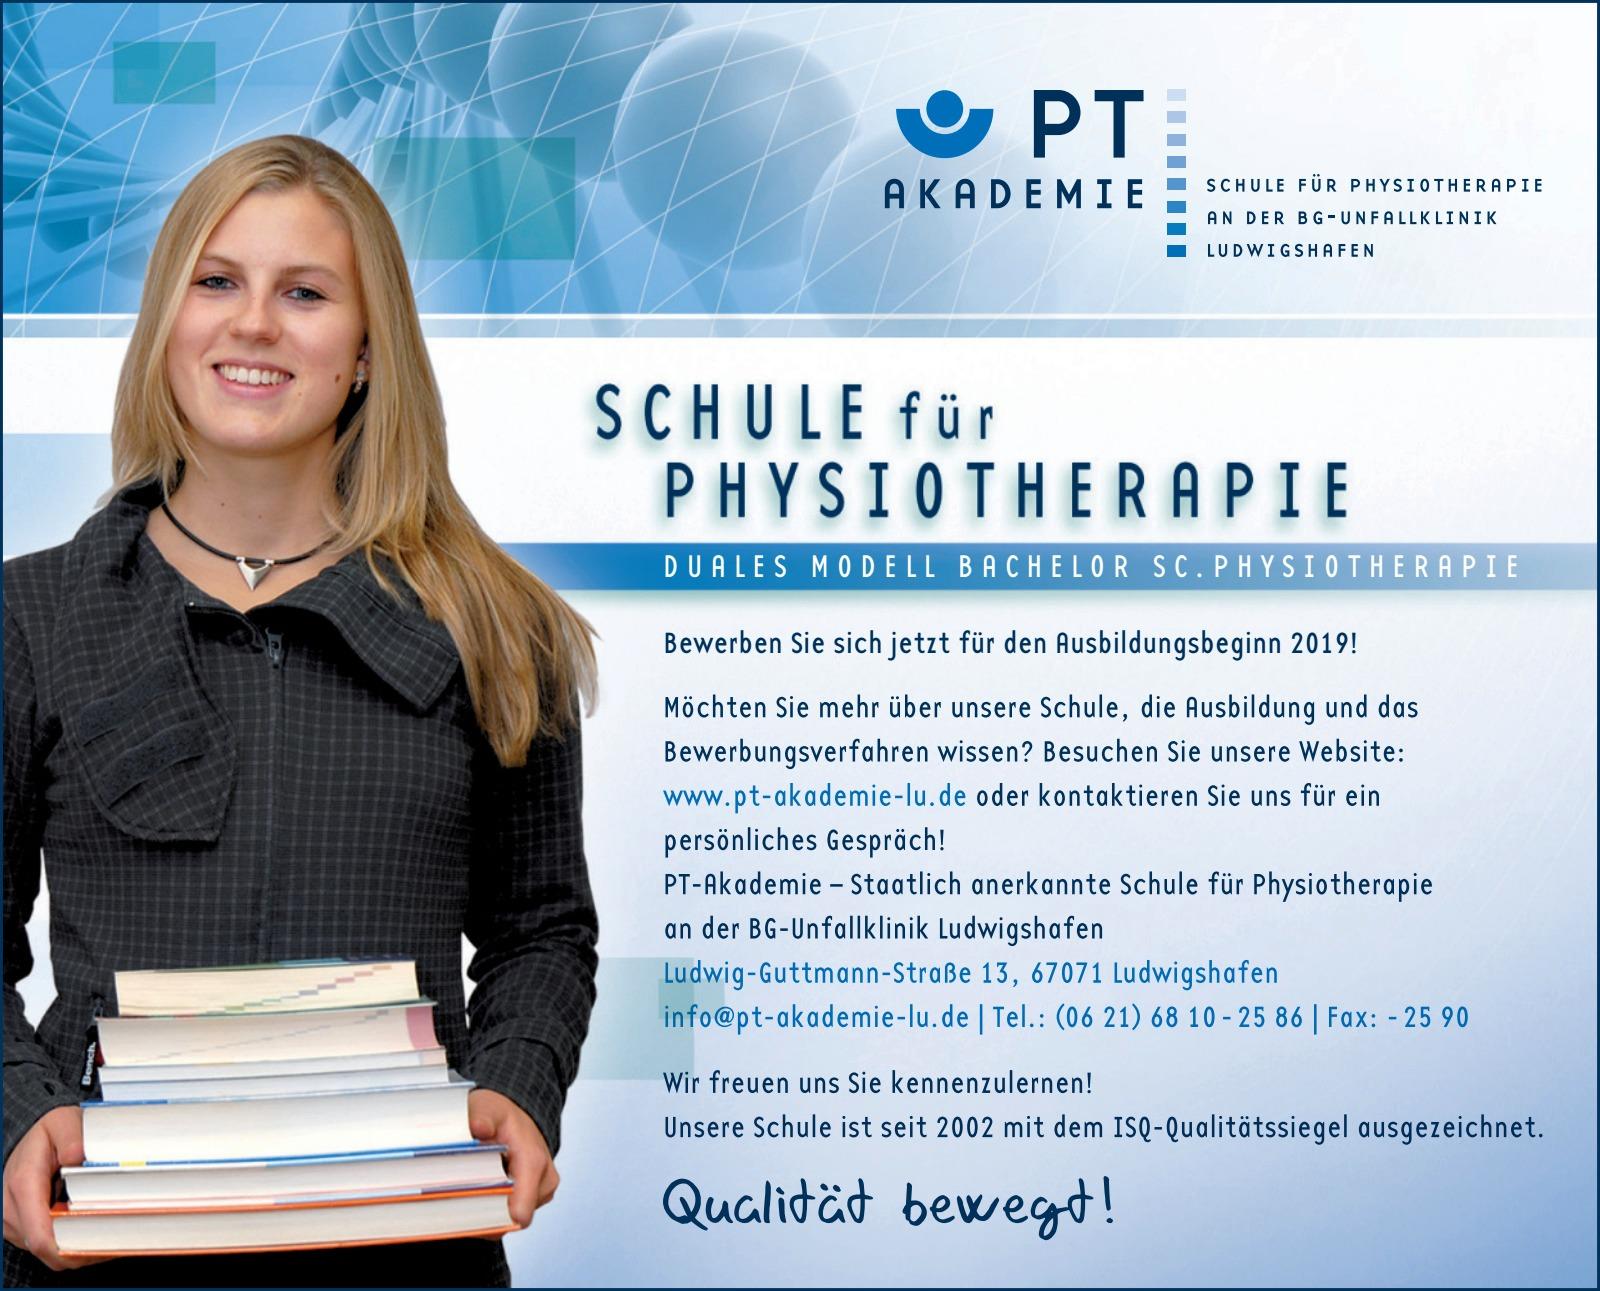 PT-Akademie – Staatlich anerkannte Schule für Physiotherapie